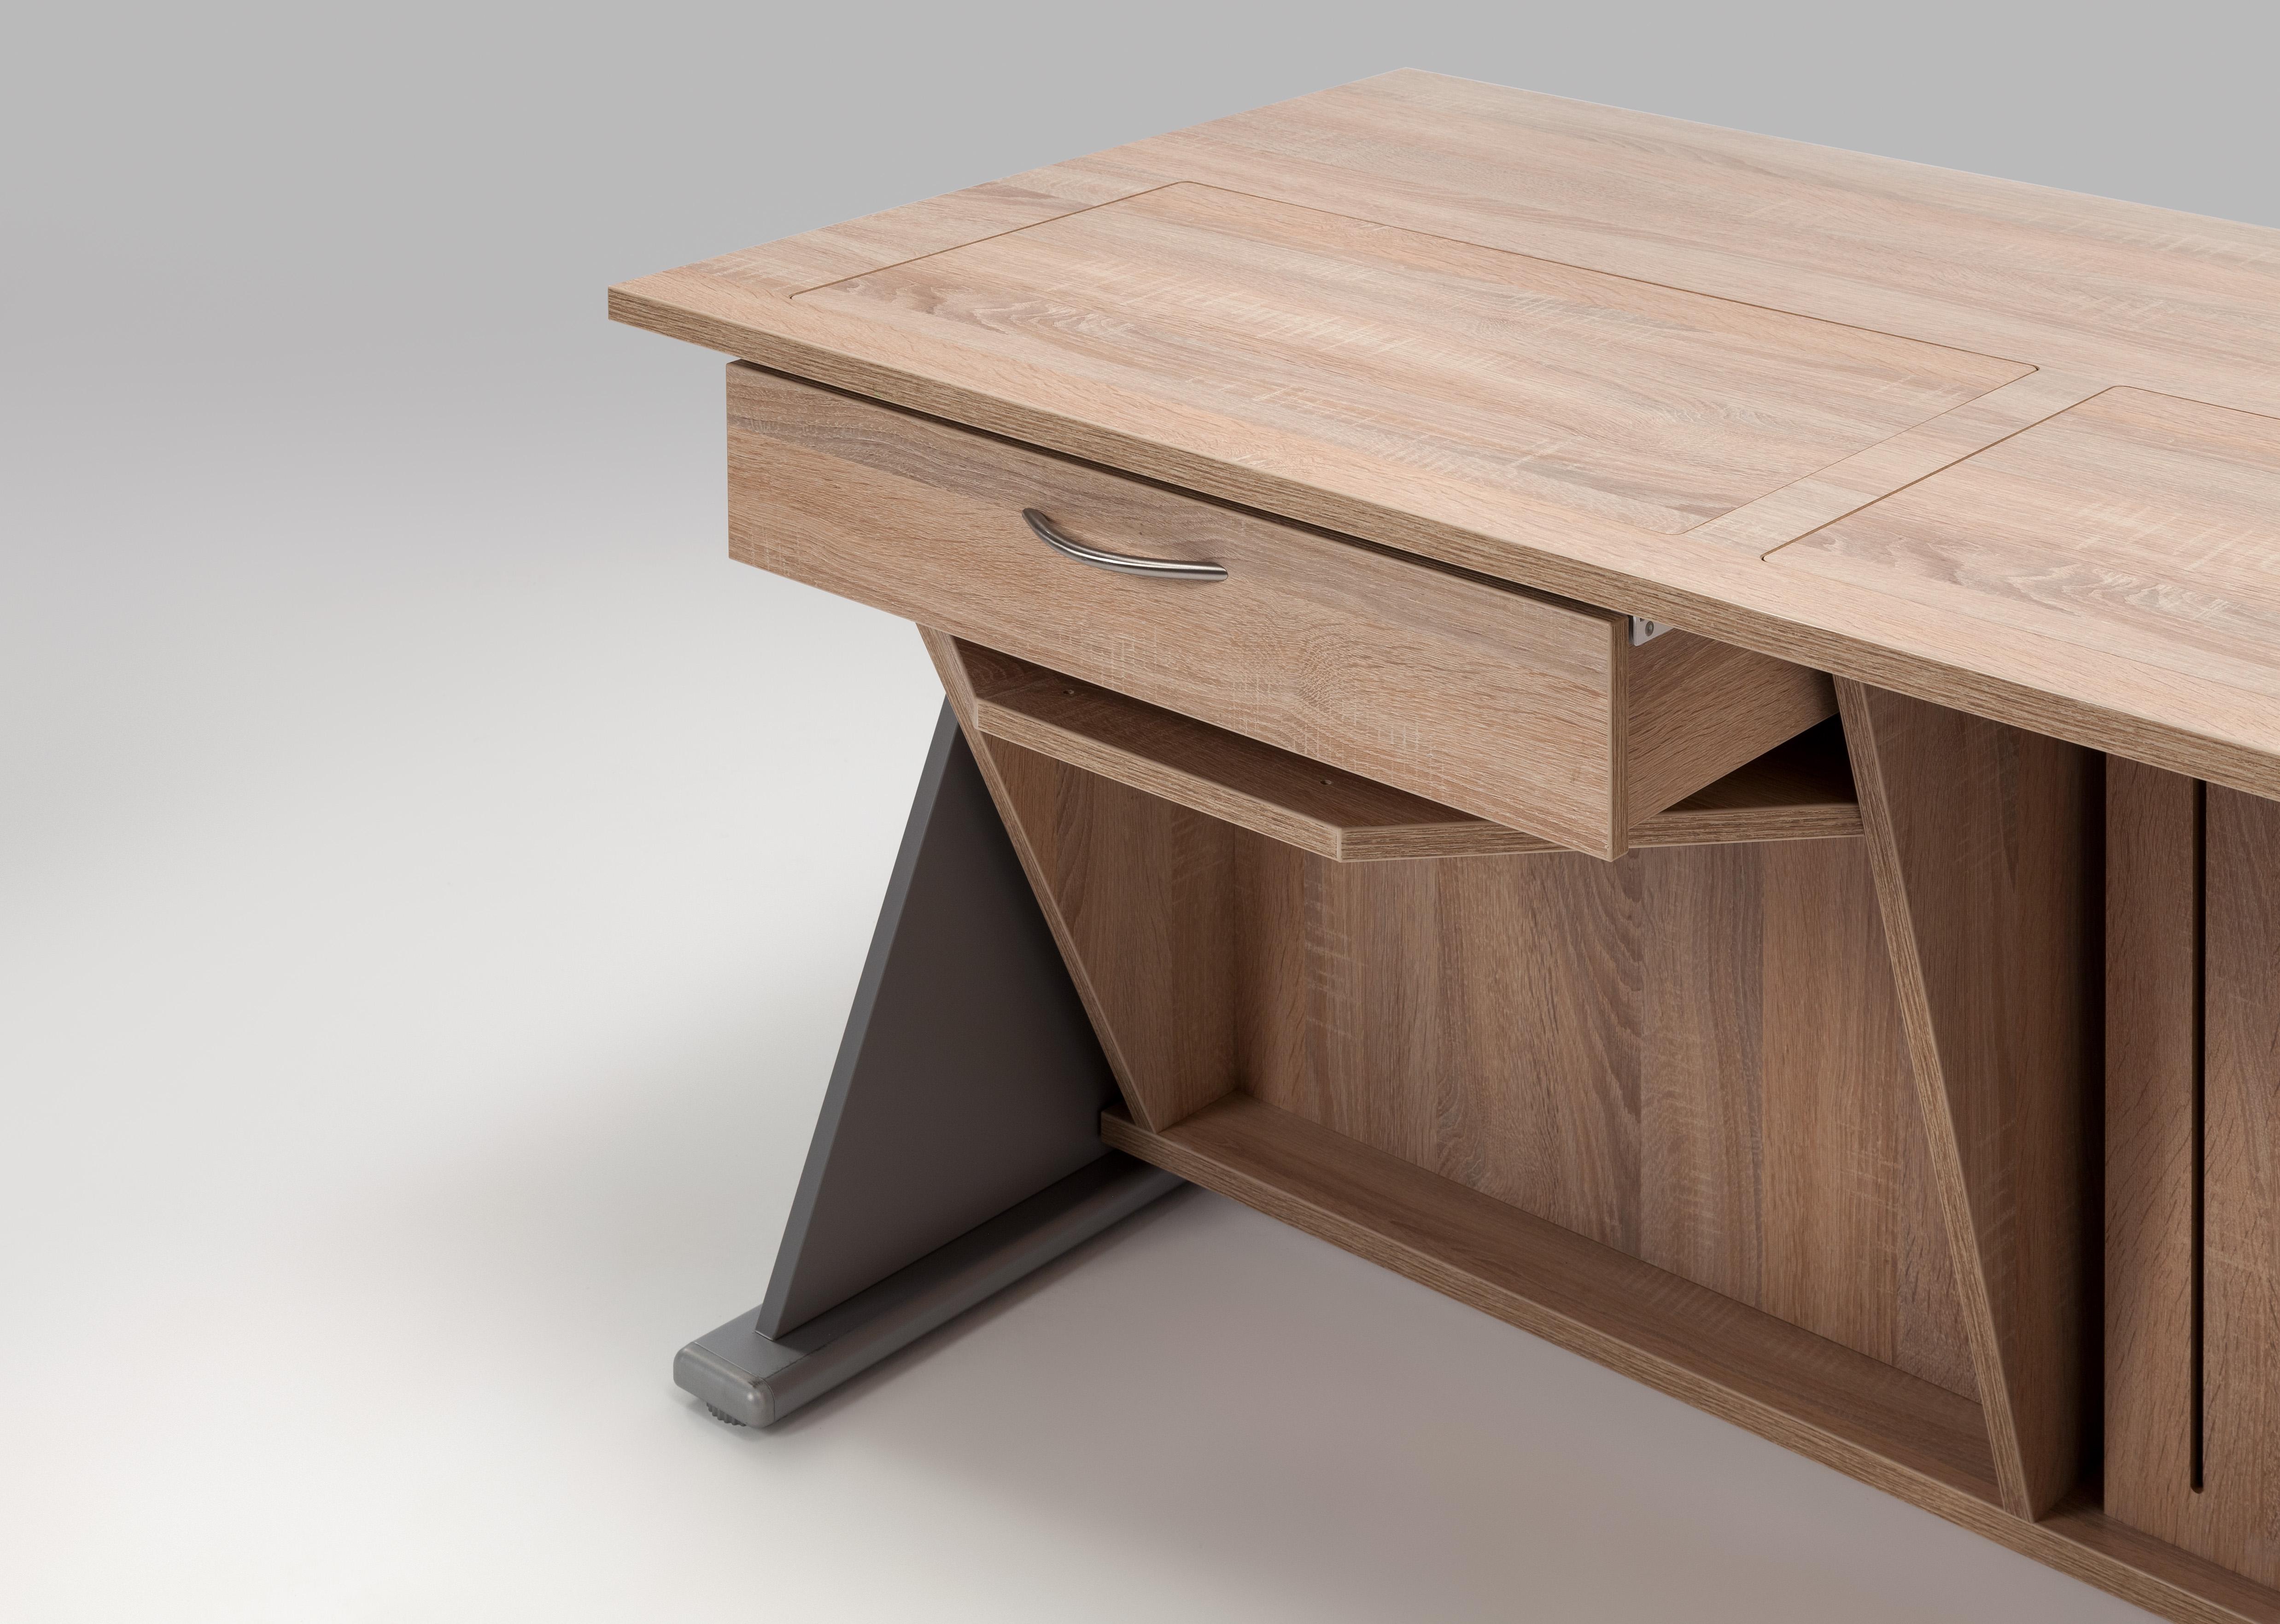 Die optional erhältliche Schublade bietet zusätzlichen Stauraum für die Nähutensilien.